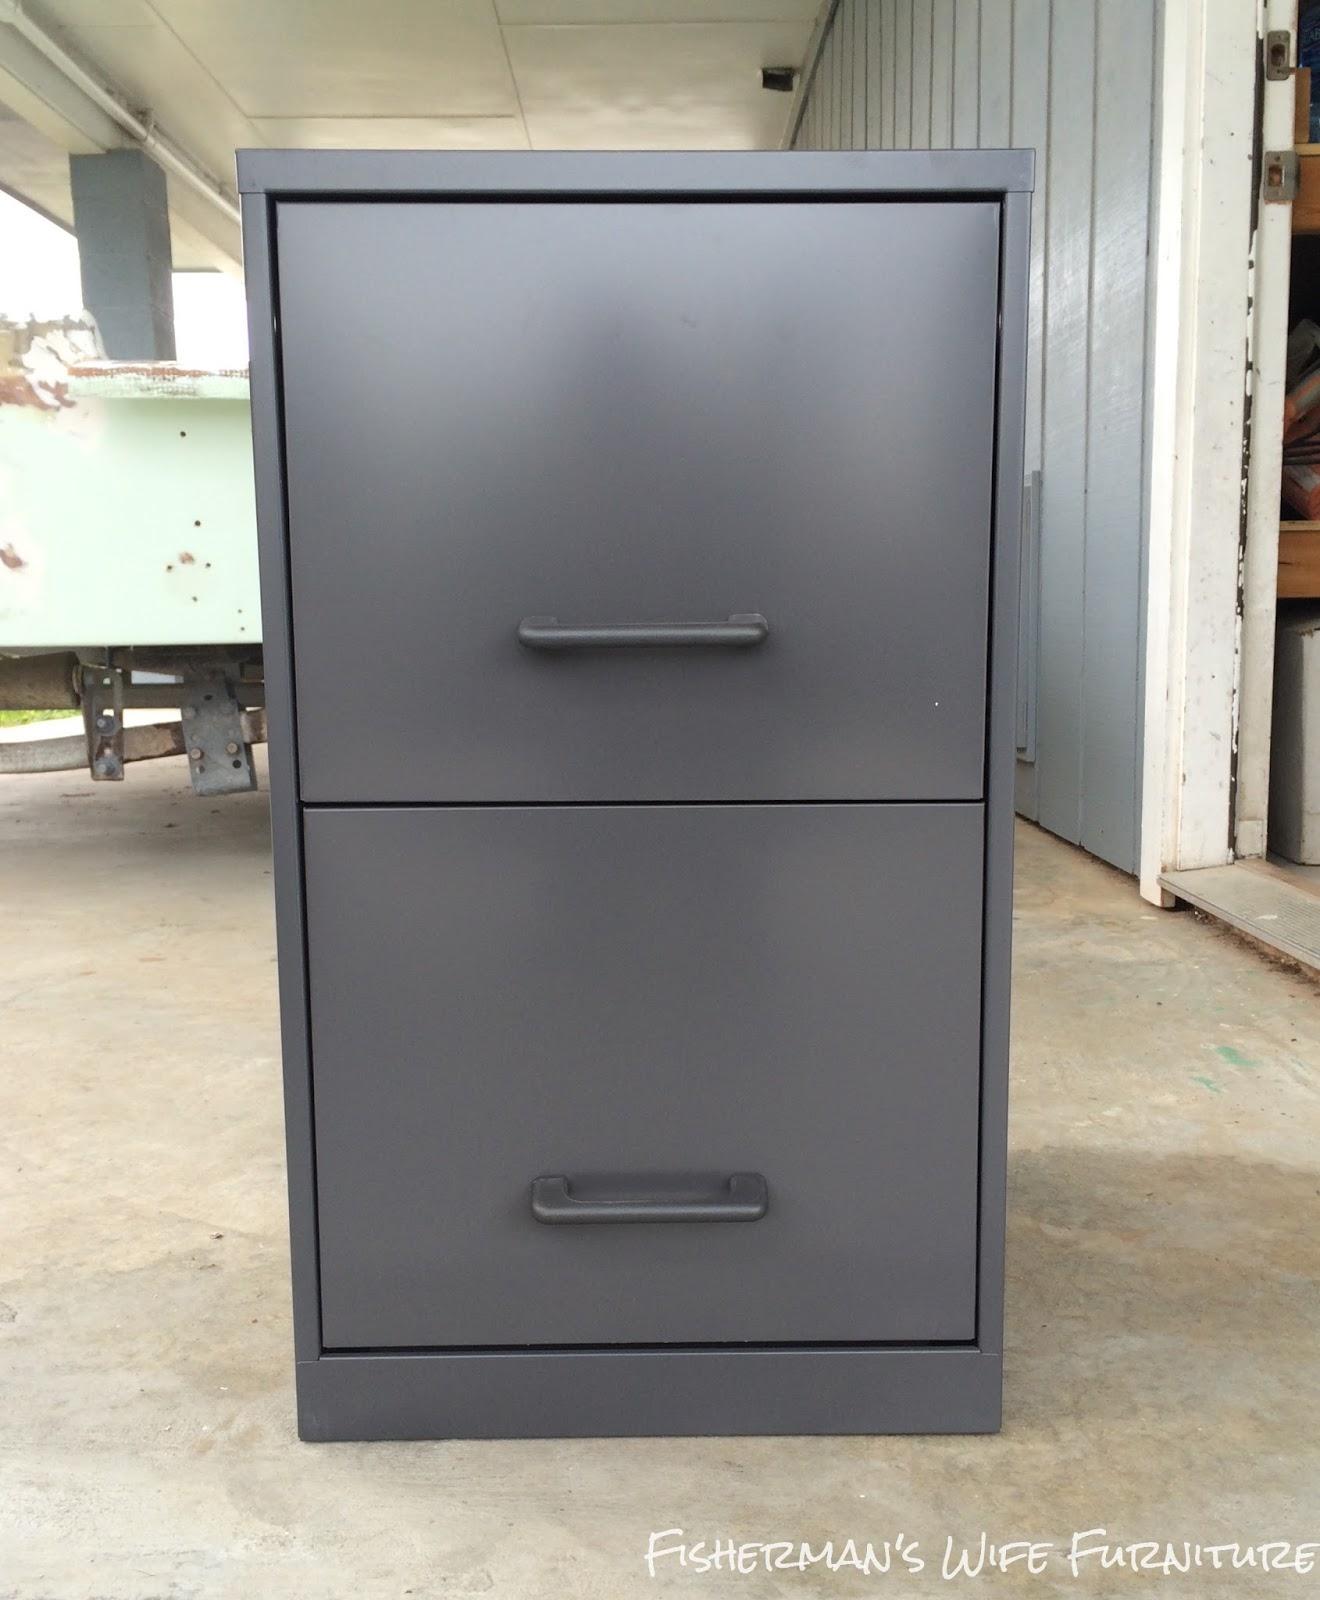 fisherman 39 s wife furniture filing cabinet desk. Black Bedroom Furniture Sets. Home Design Ideas